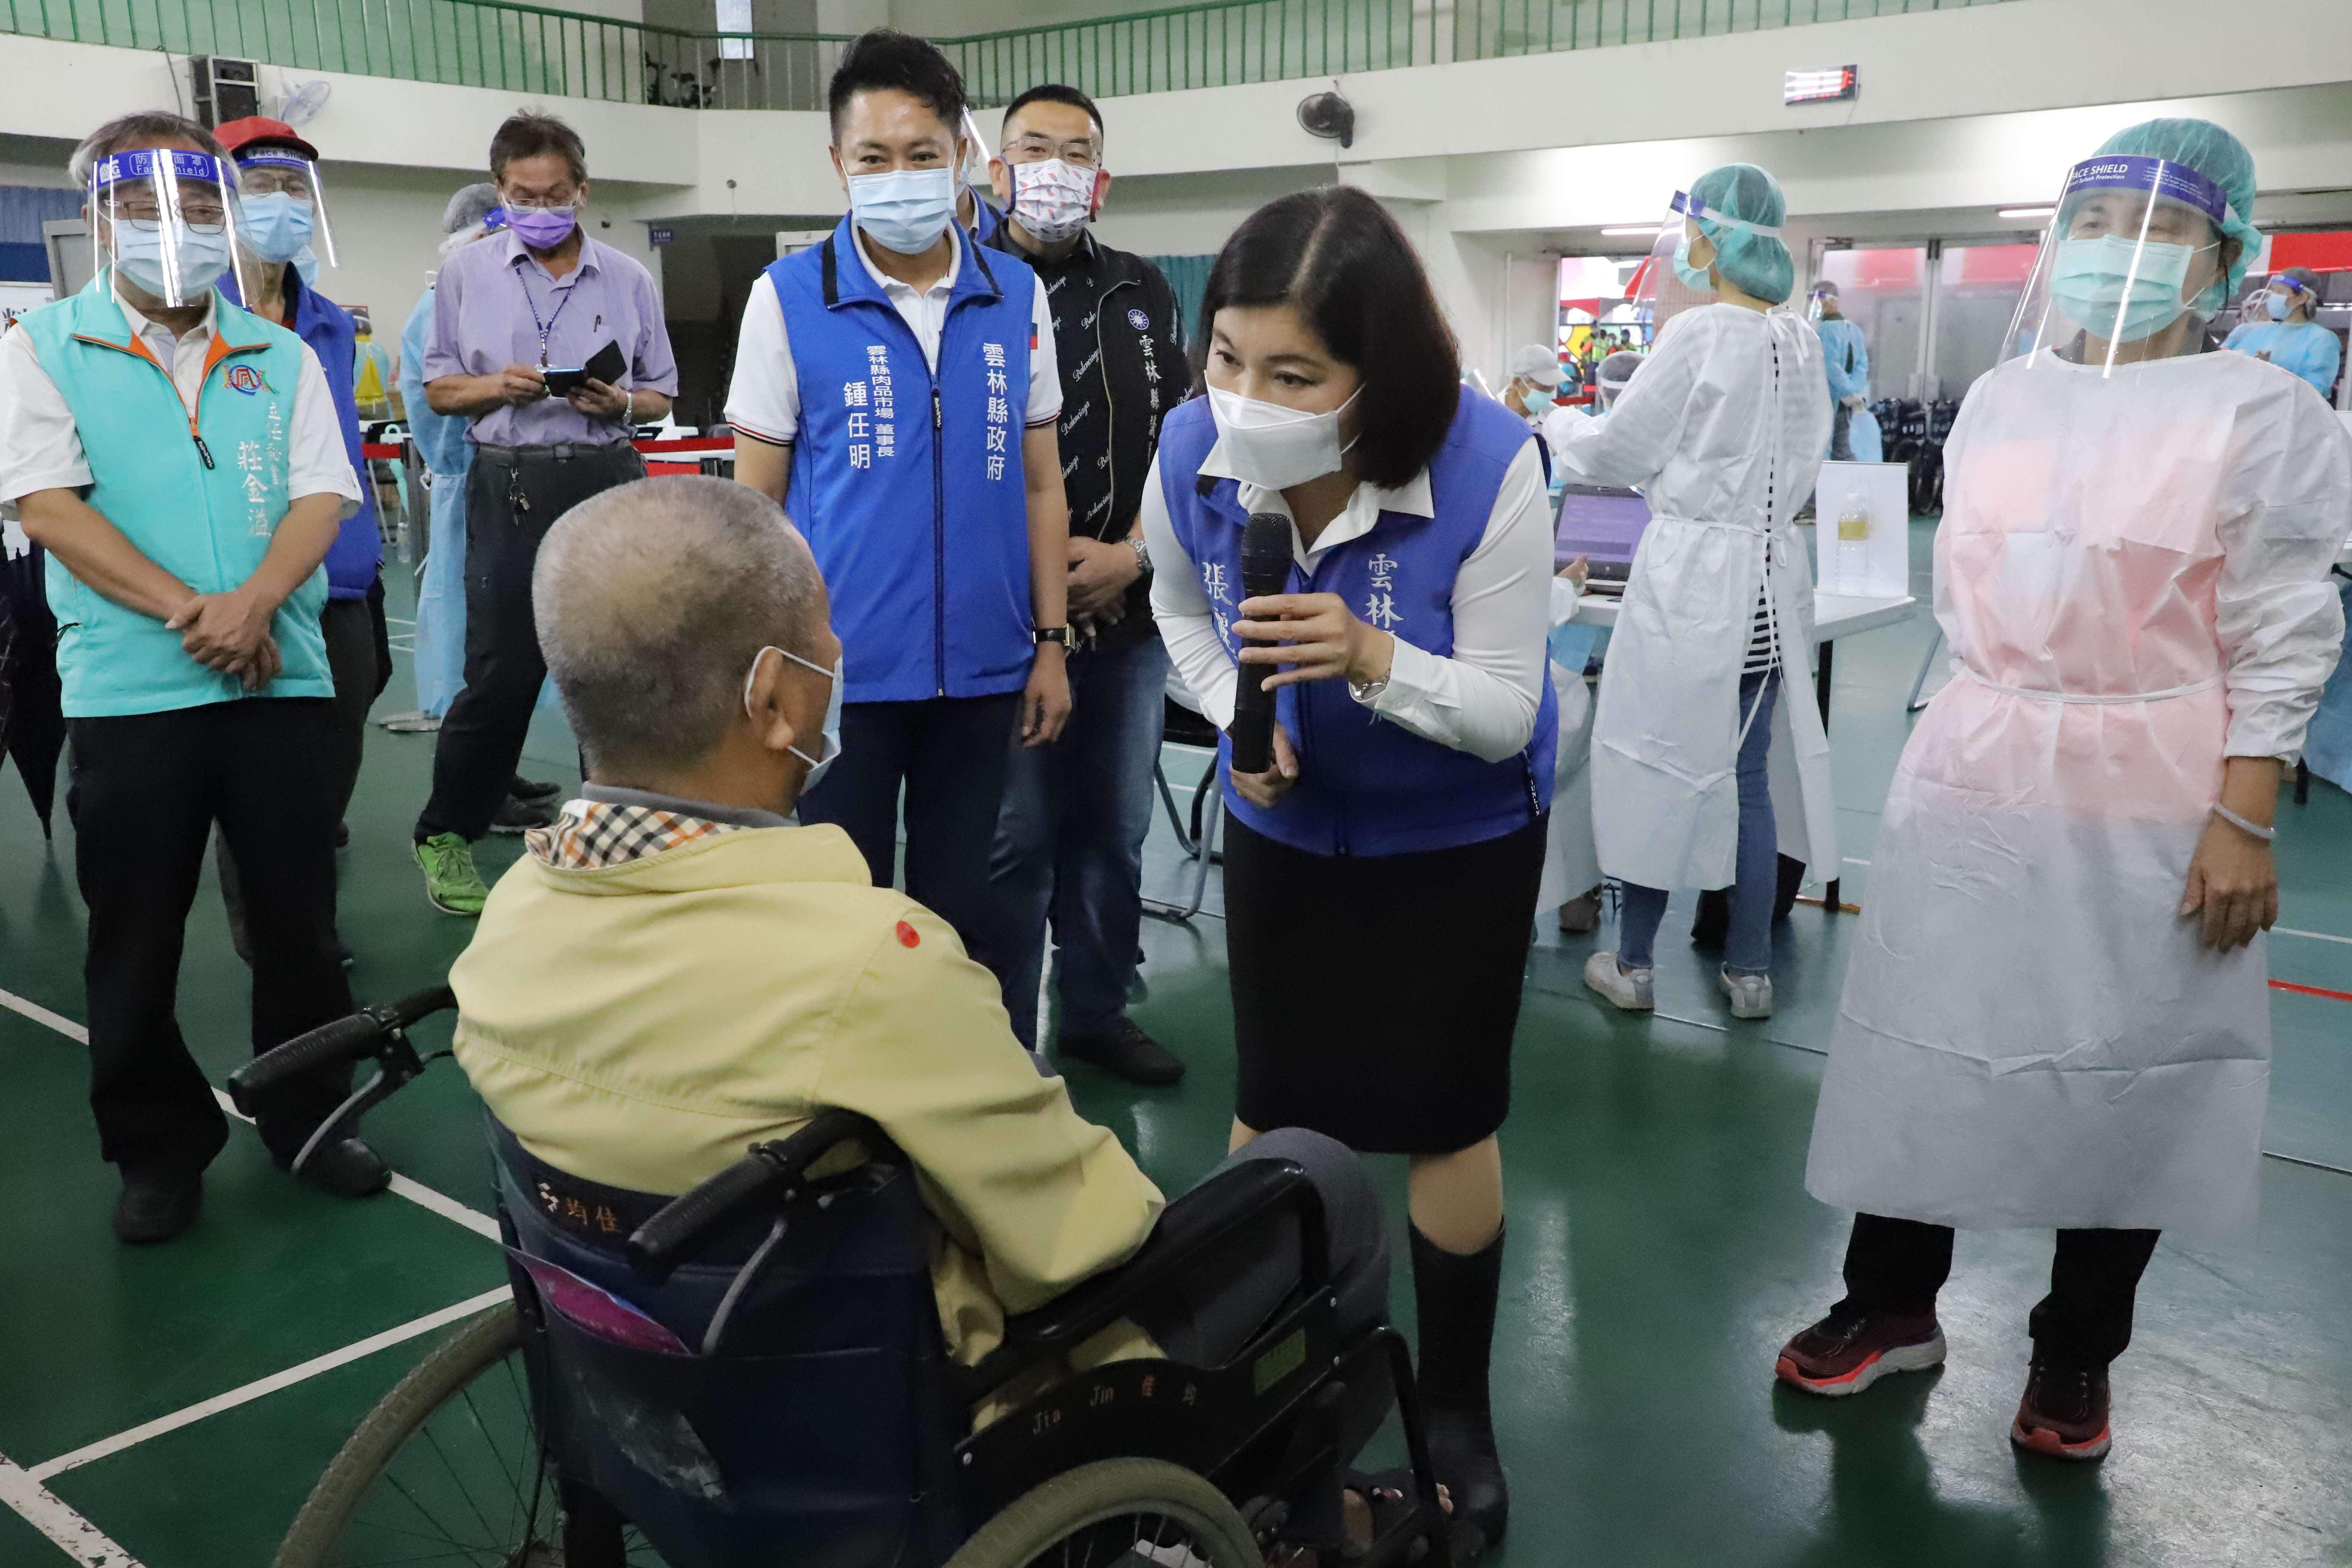 張縣長巡視快打站,關心長輩施打疫苗狀況。